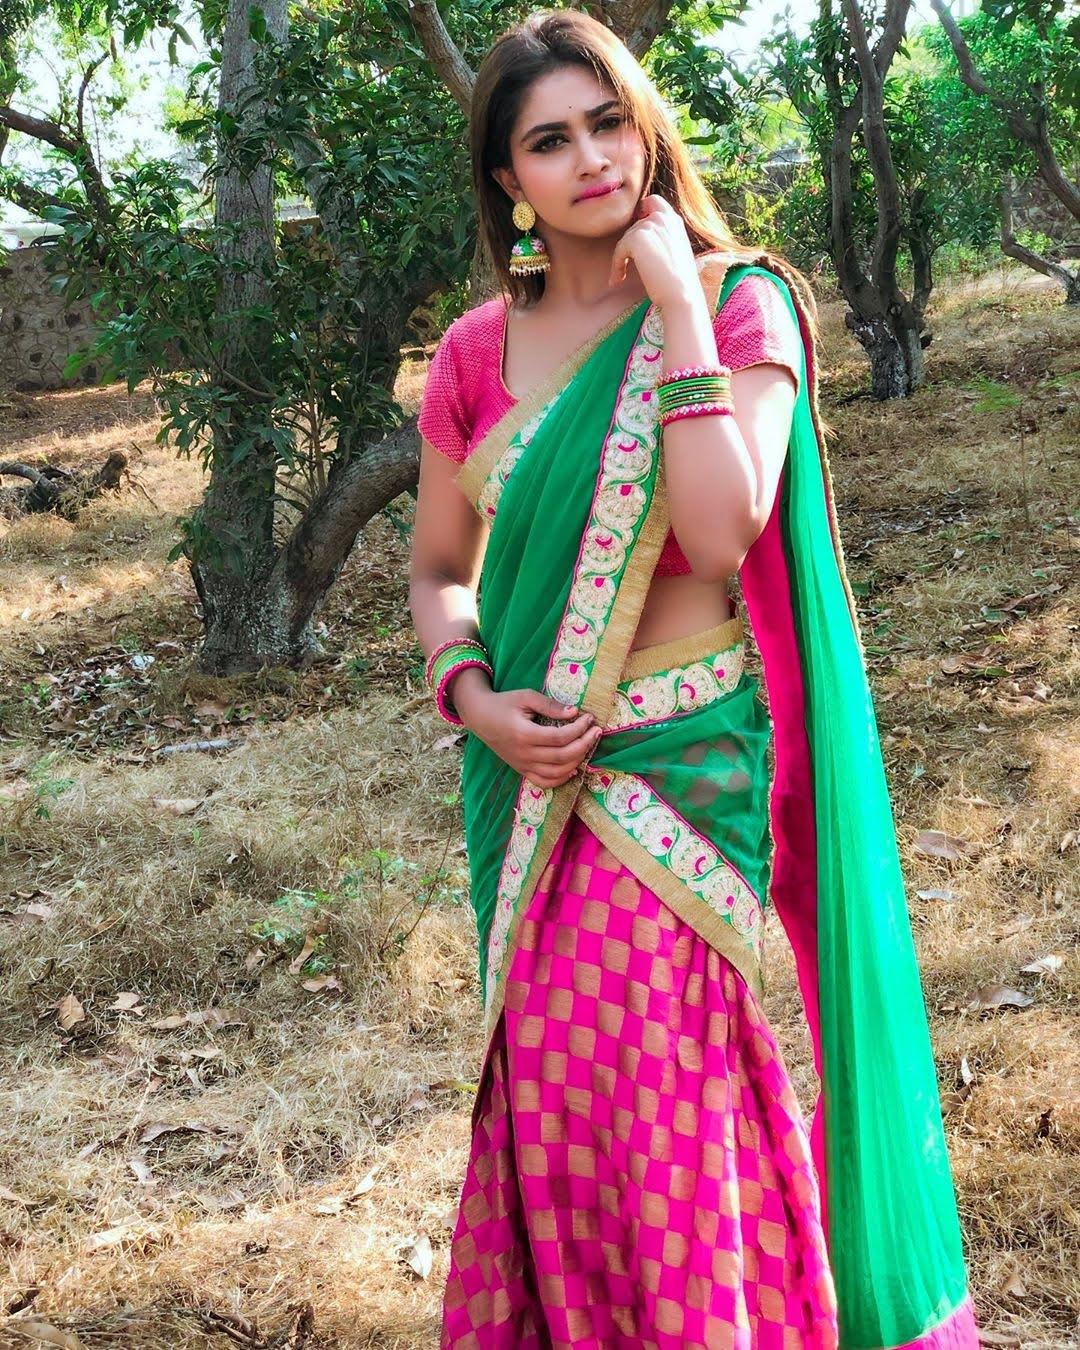 shivani_narayanan_515113192